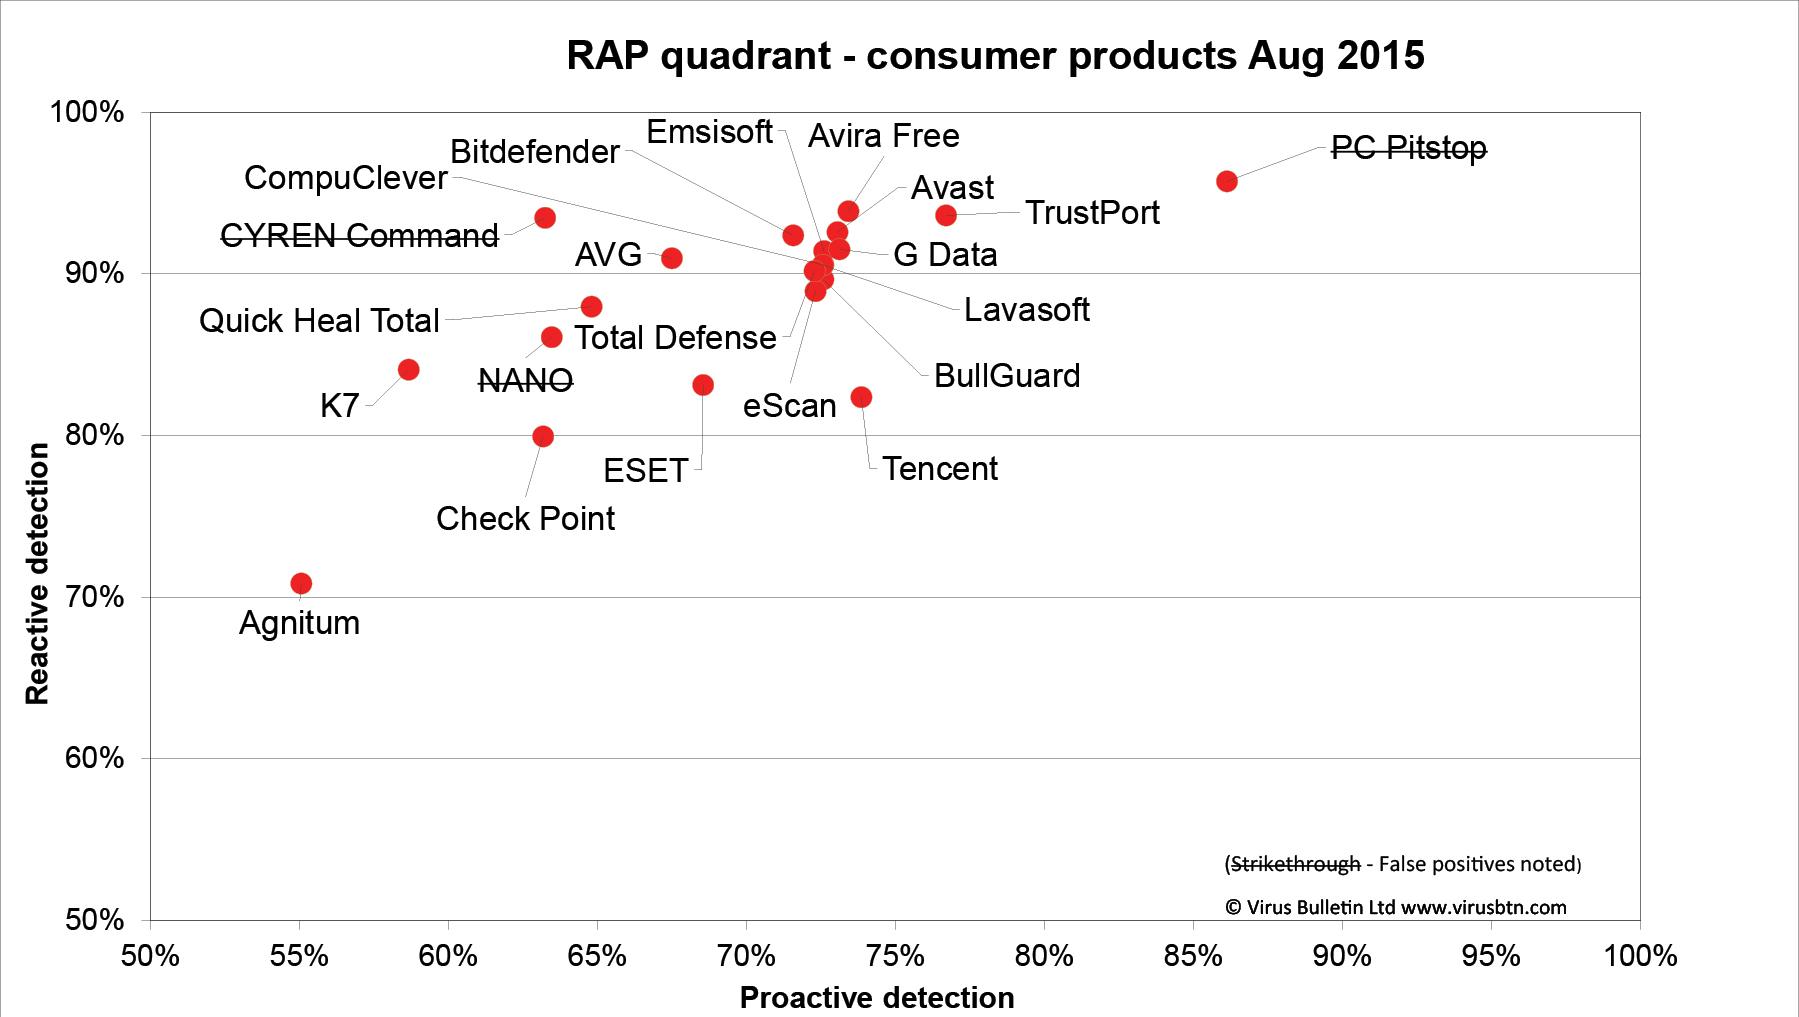 RAP-consumer-1800